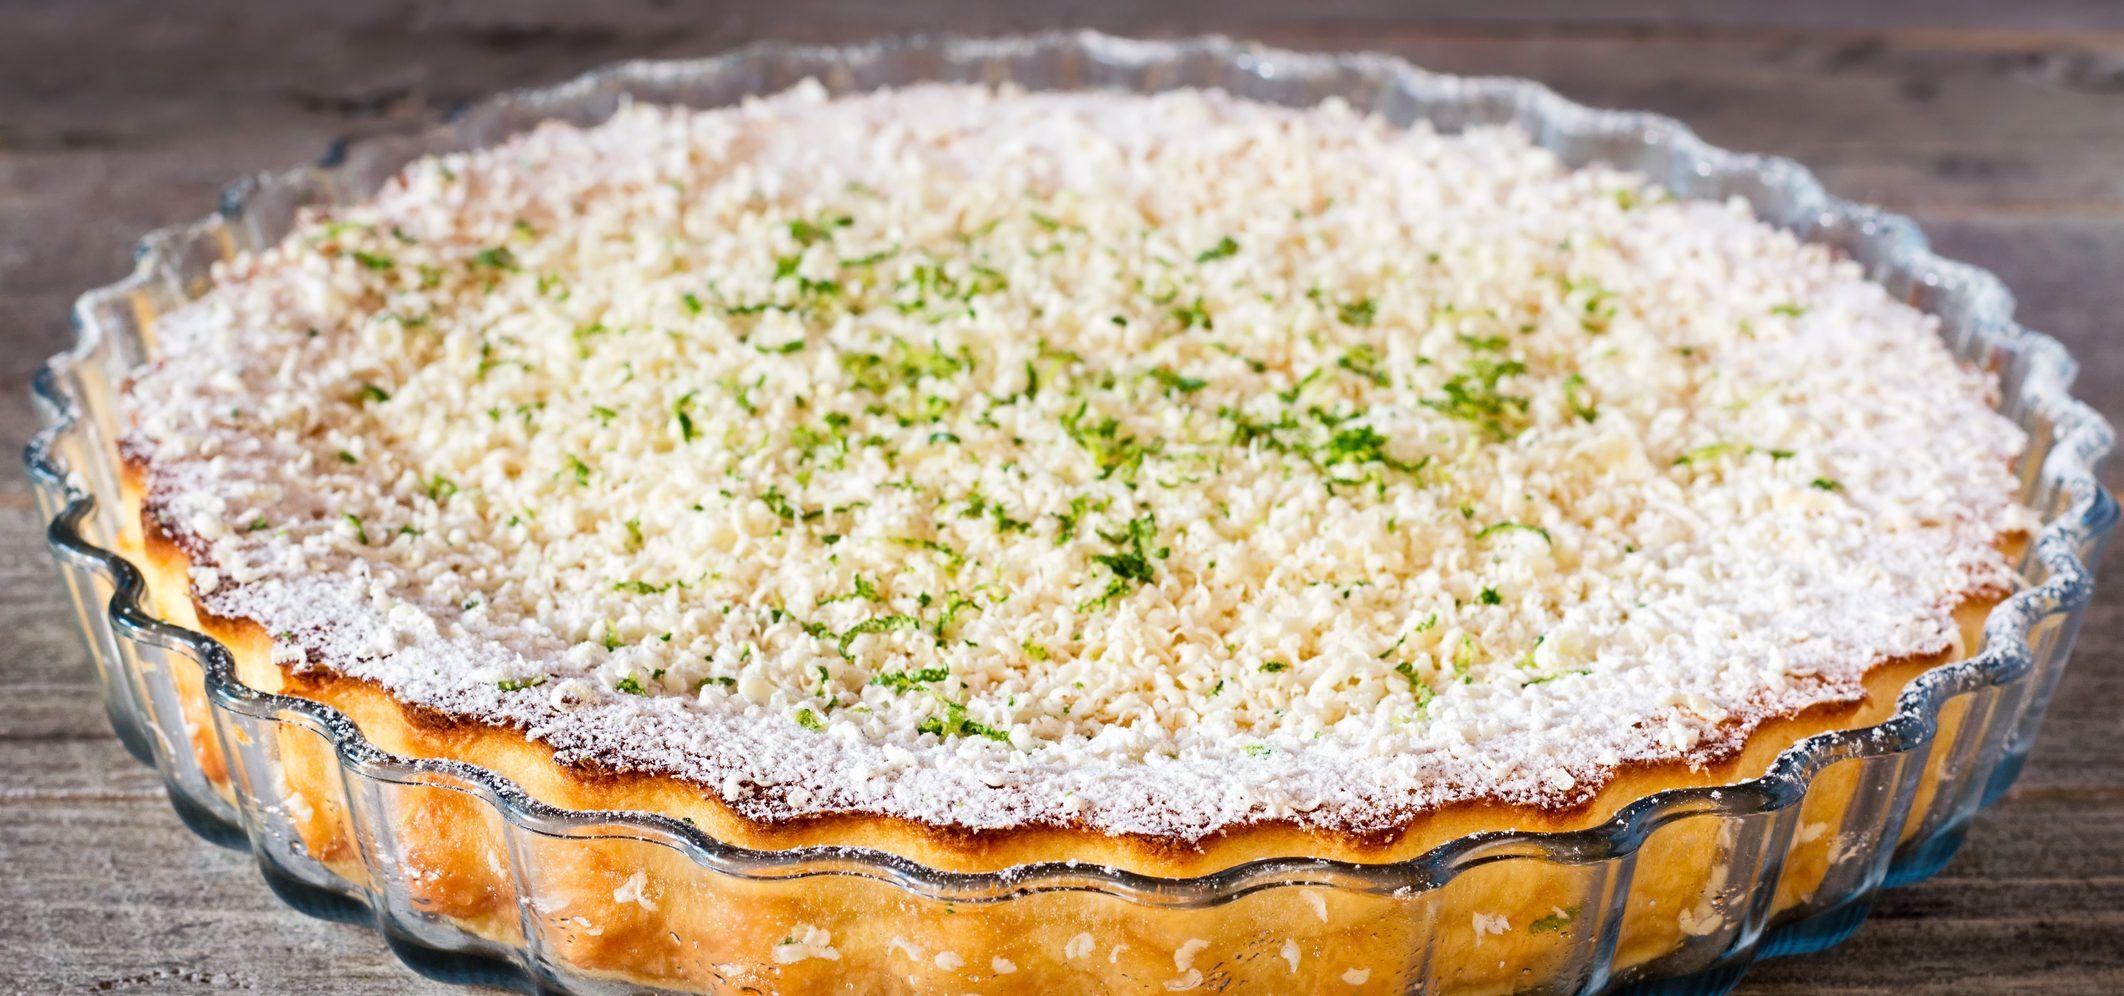 Procura ideias para uma sobremesa diferente e saborosa? Então experimente uma das nossas sugestões de tarte de coco. Vai ver que não se vai arrepender.